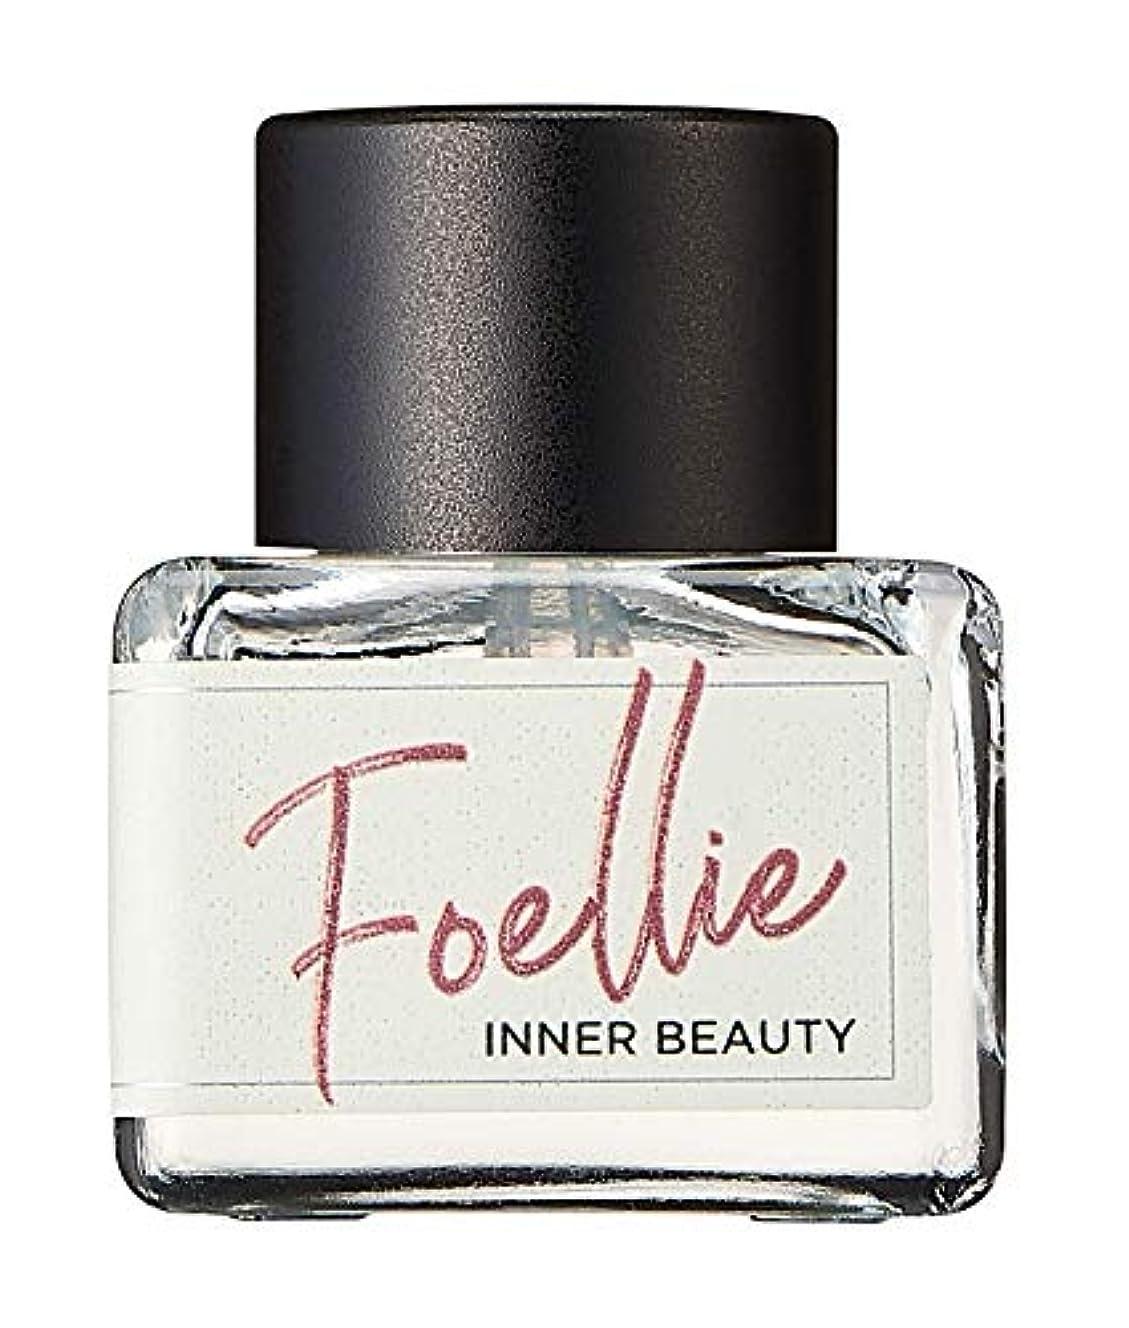 ロケーション硬さながら[フォエリー(FOELLIE)] eau de bonbon オードボンボン – フェミニン、インナービューティー香水(下着用)、甘い桃の魅力的な香りの香水, 5ml(0.169 fl oz)